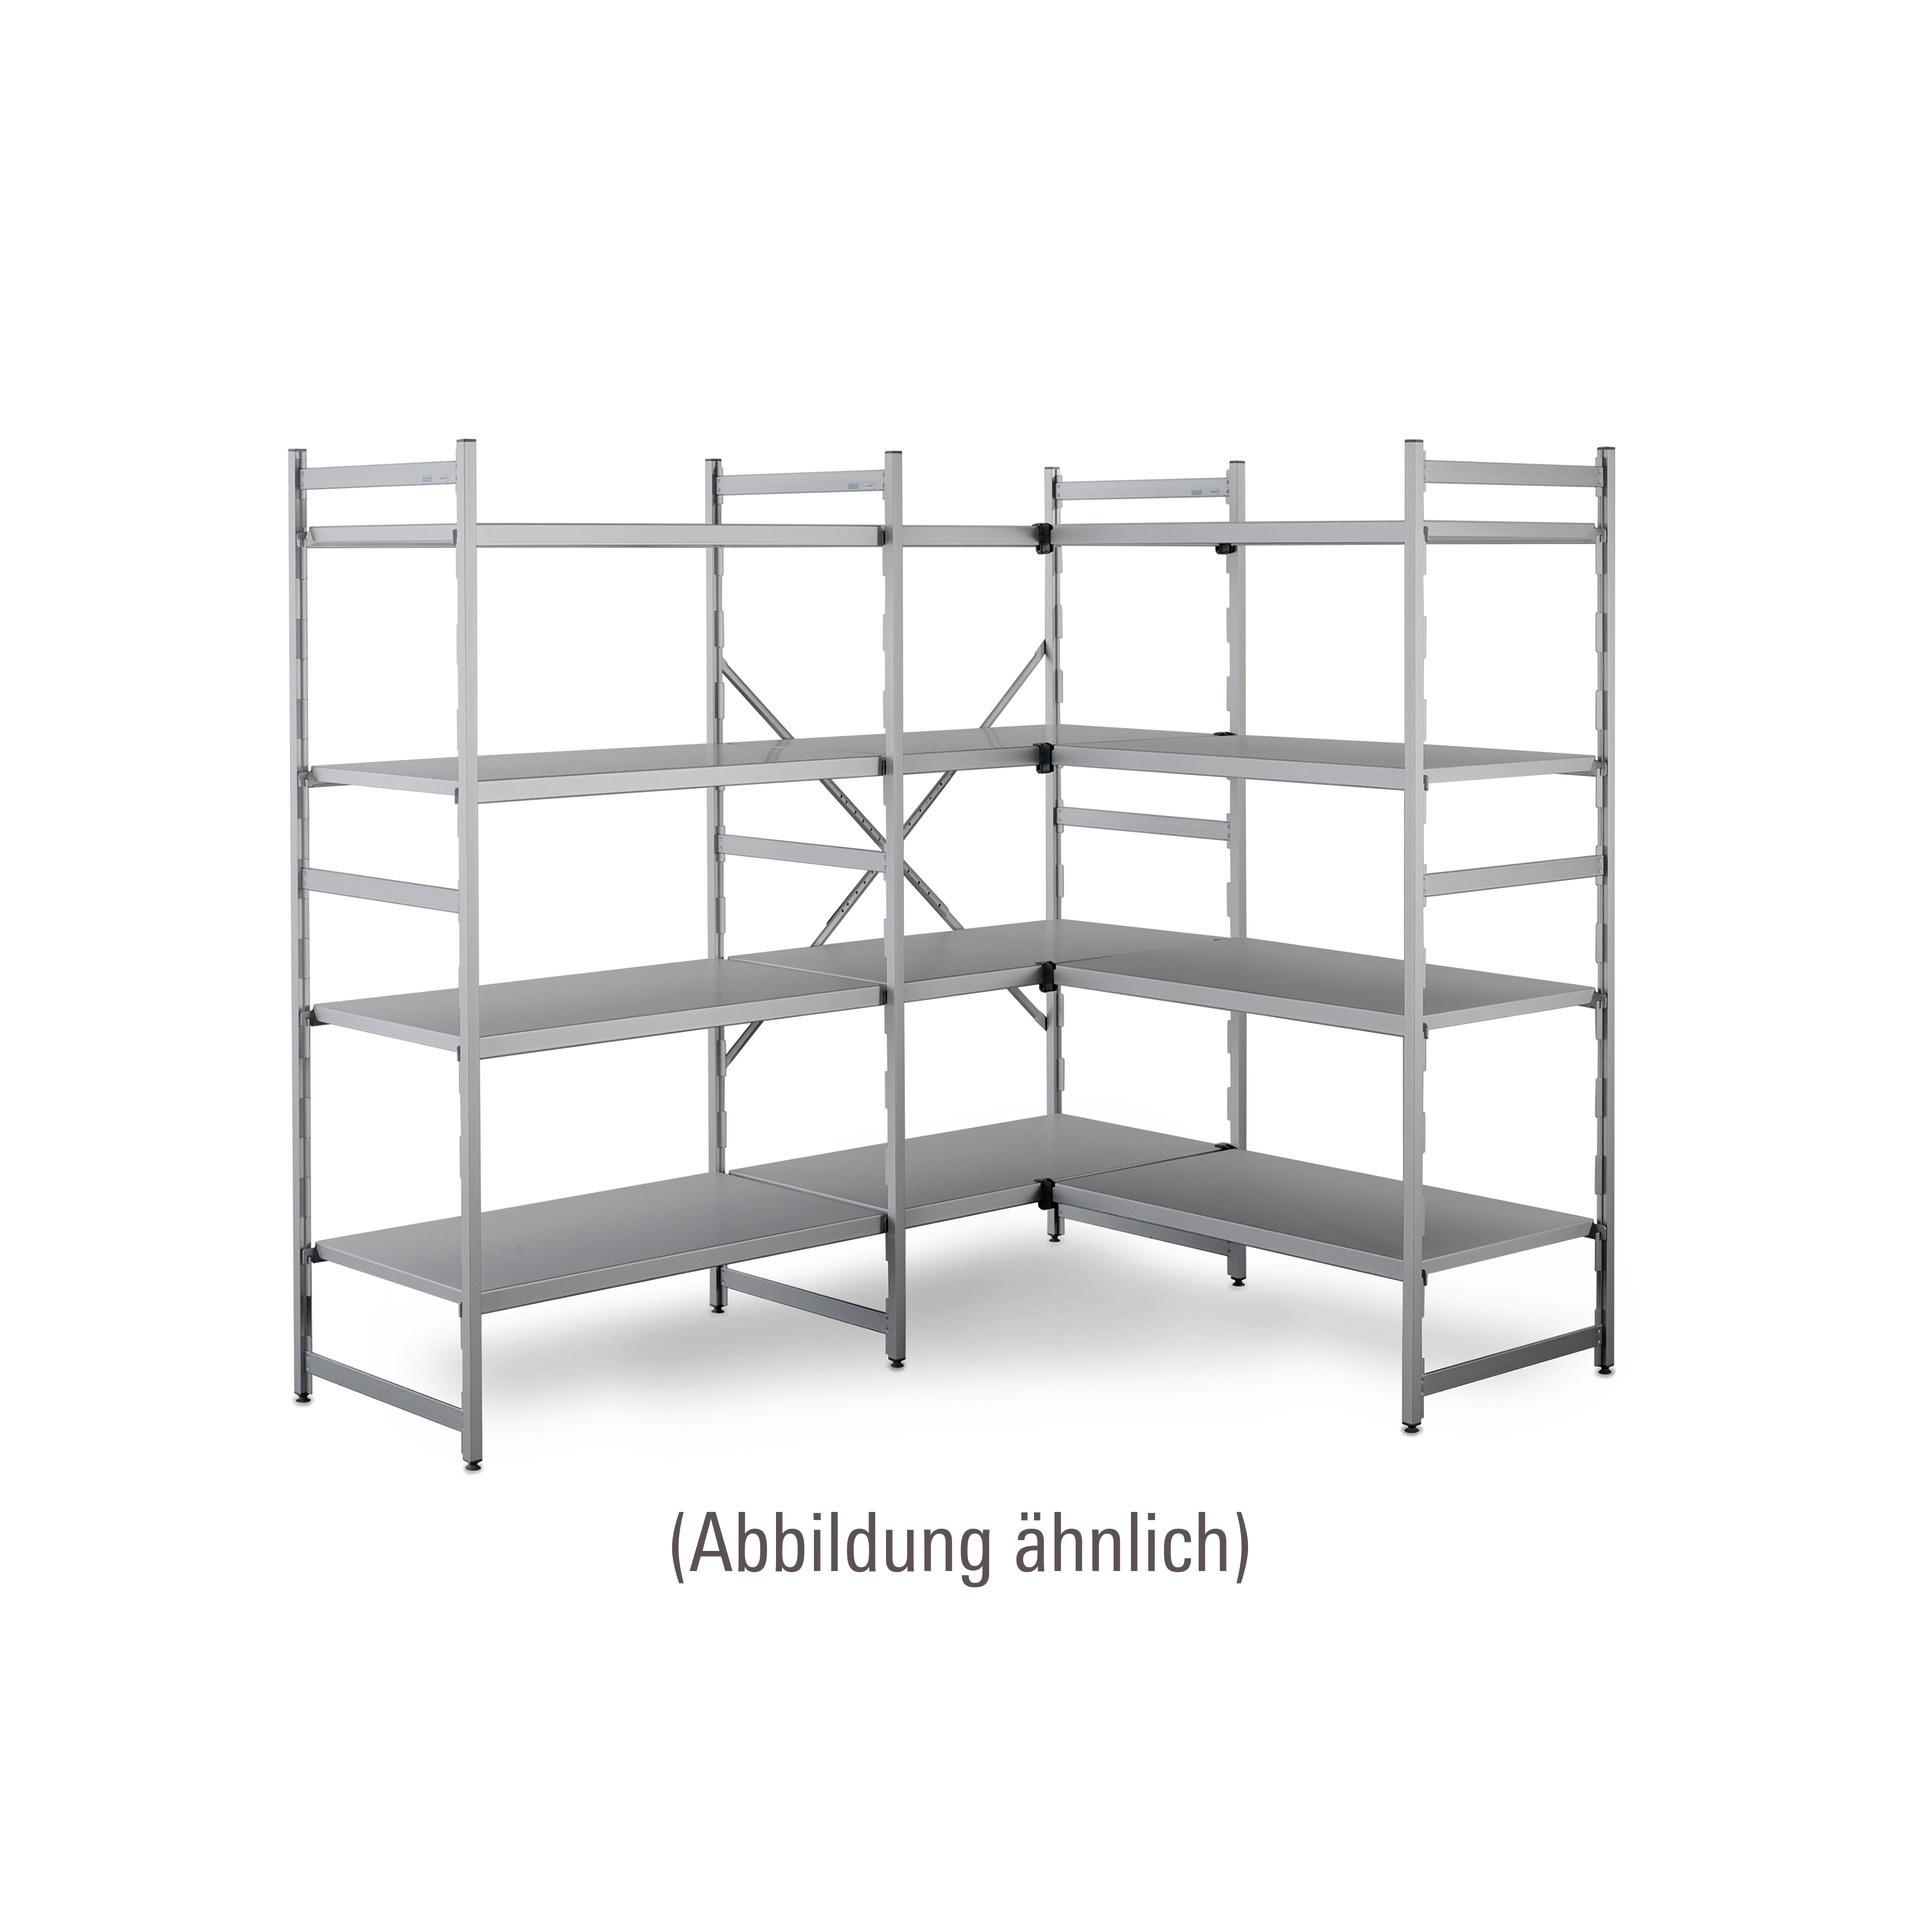 NORM 20 - Aluminium-Anbauregal 1175 x 500 x 1800 mm